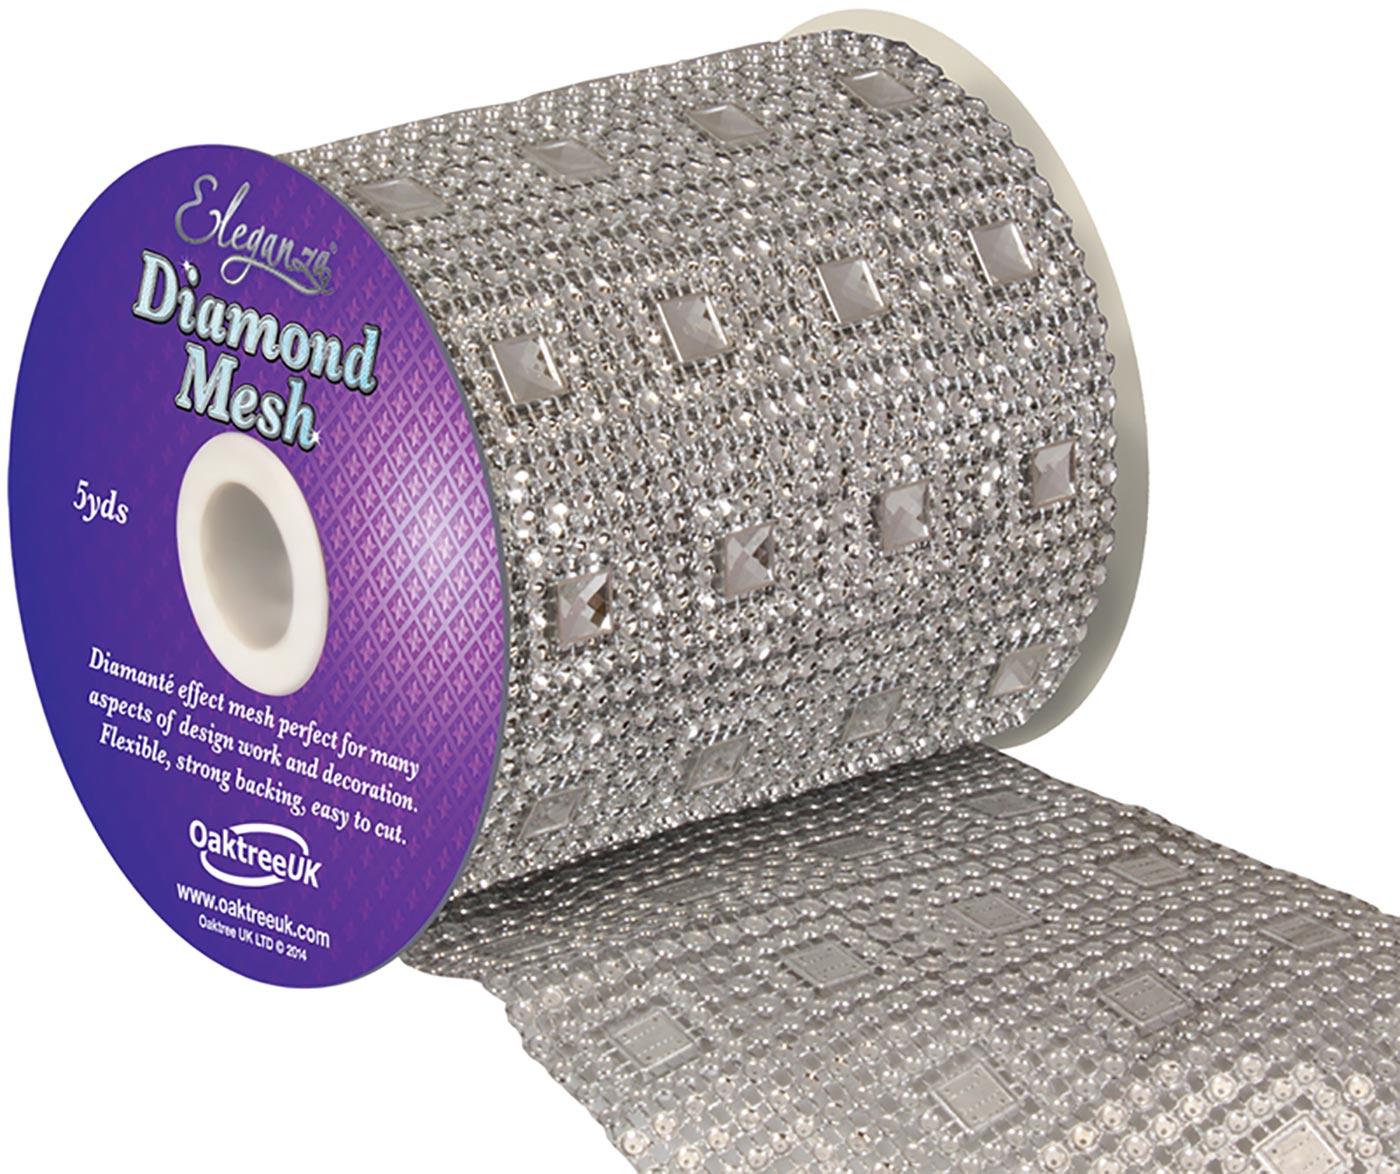 Eleganza Diamond Mesh 11cm x 4.5m Pattern No.351 Silver